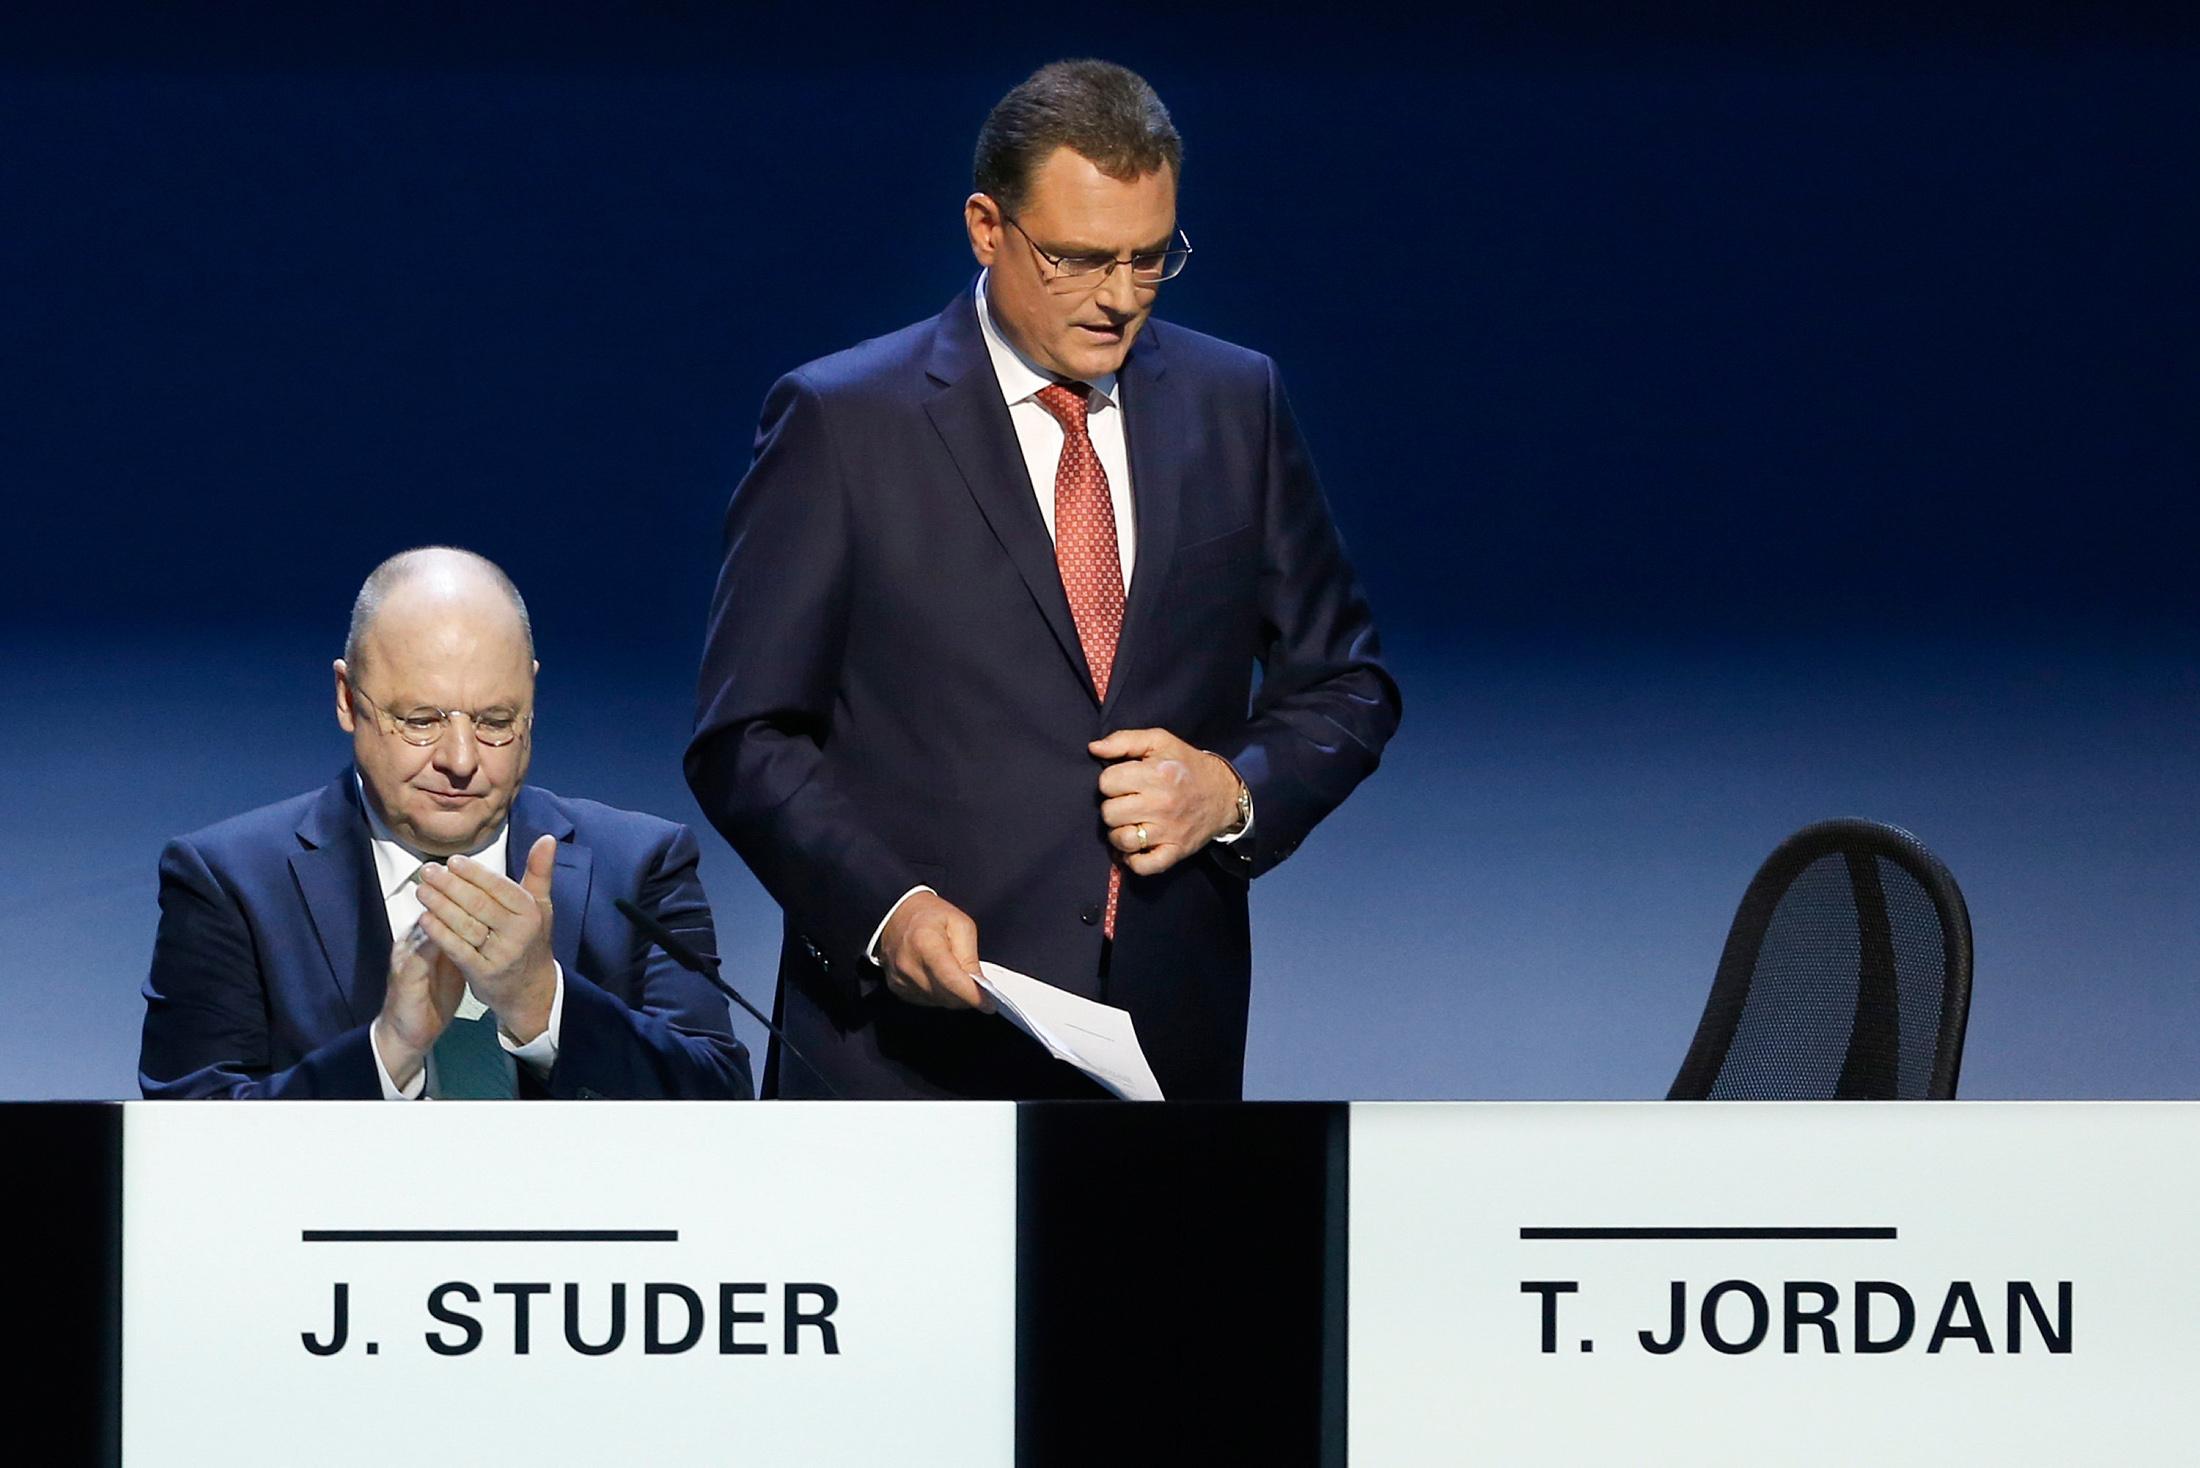 J. Studer and T. Jordan